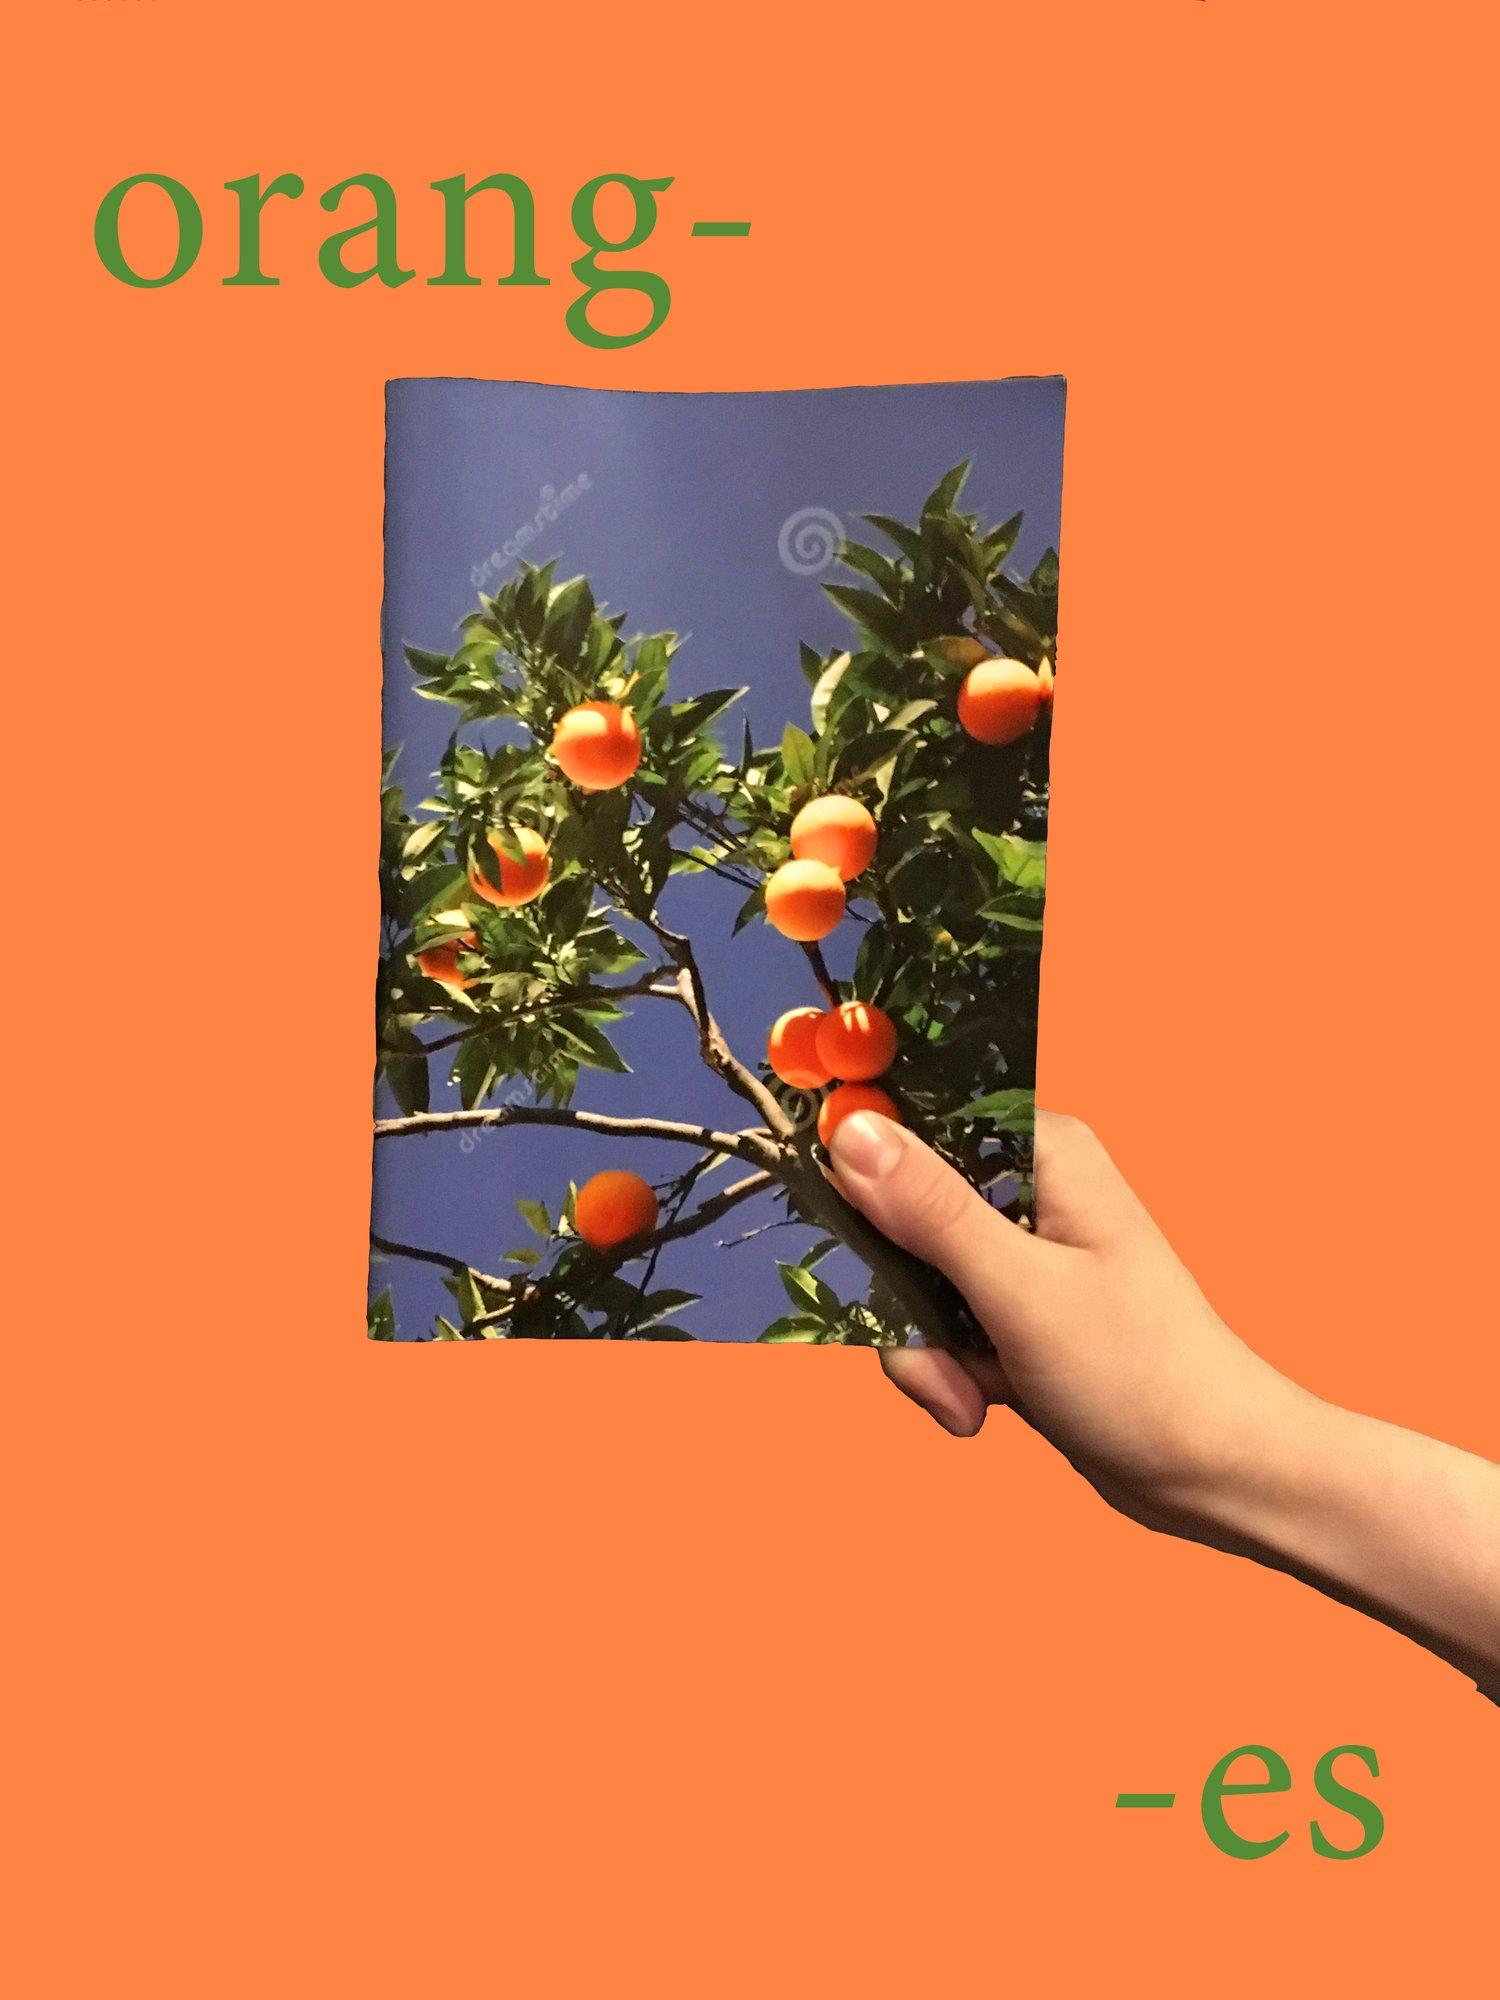 Image of oranges #1